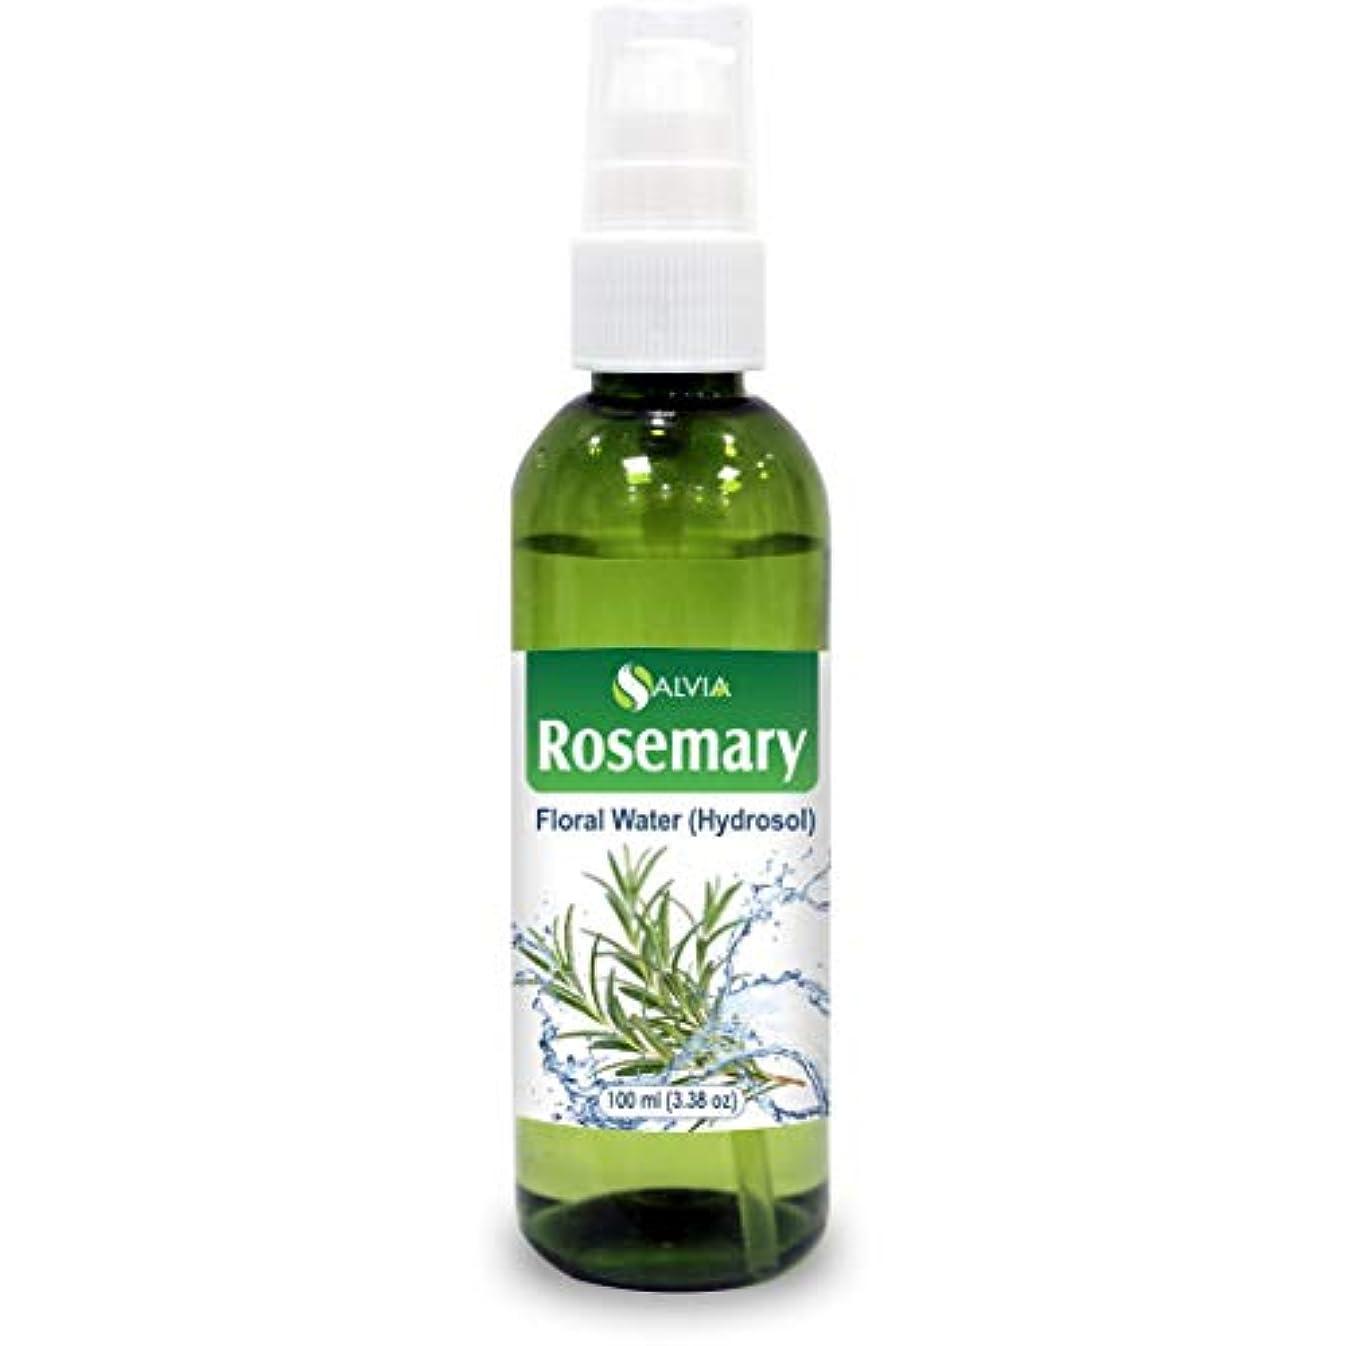 そこ復活アンデス山脈Rosemary Floral Water 100ml (Hydrosol) 100% Pure And Natural